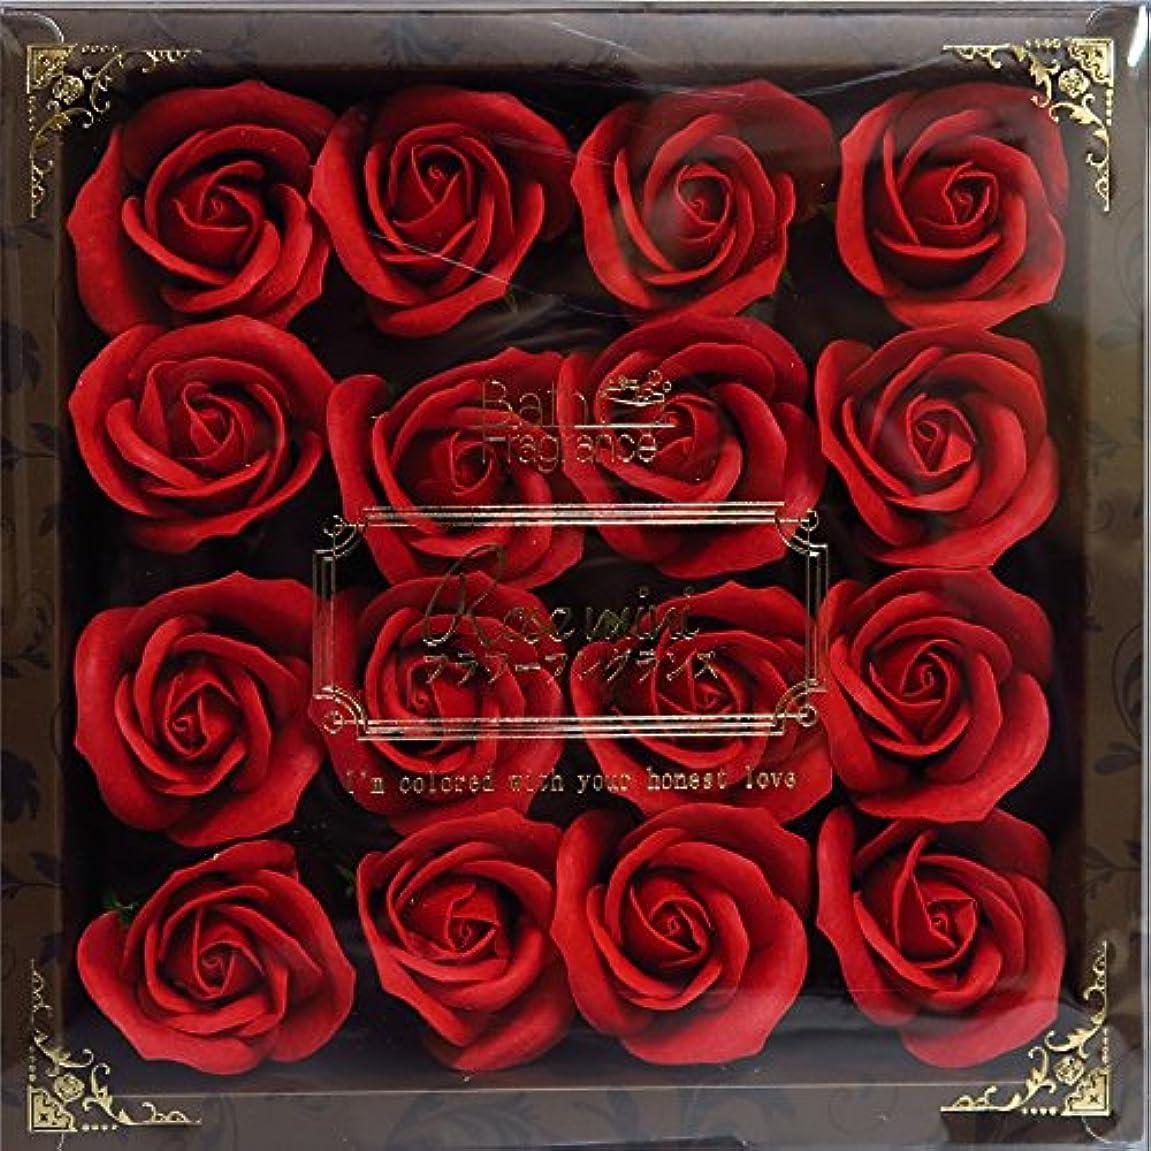 貼り直すリングダイヤモンドバスフレグランス バスフラワー ミニローズフレグランス(M)レッド ギフト お花の形の入浴剤 プレゼント ばら